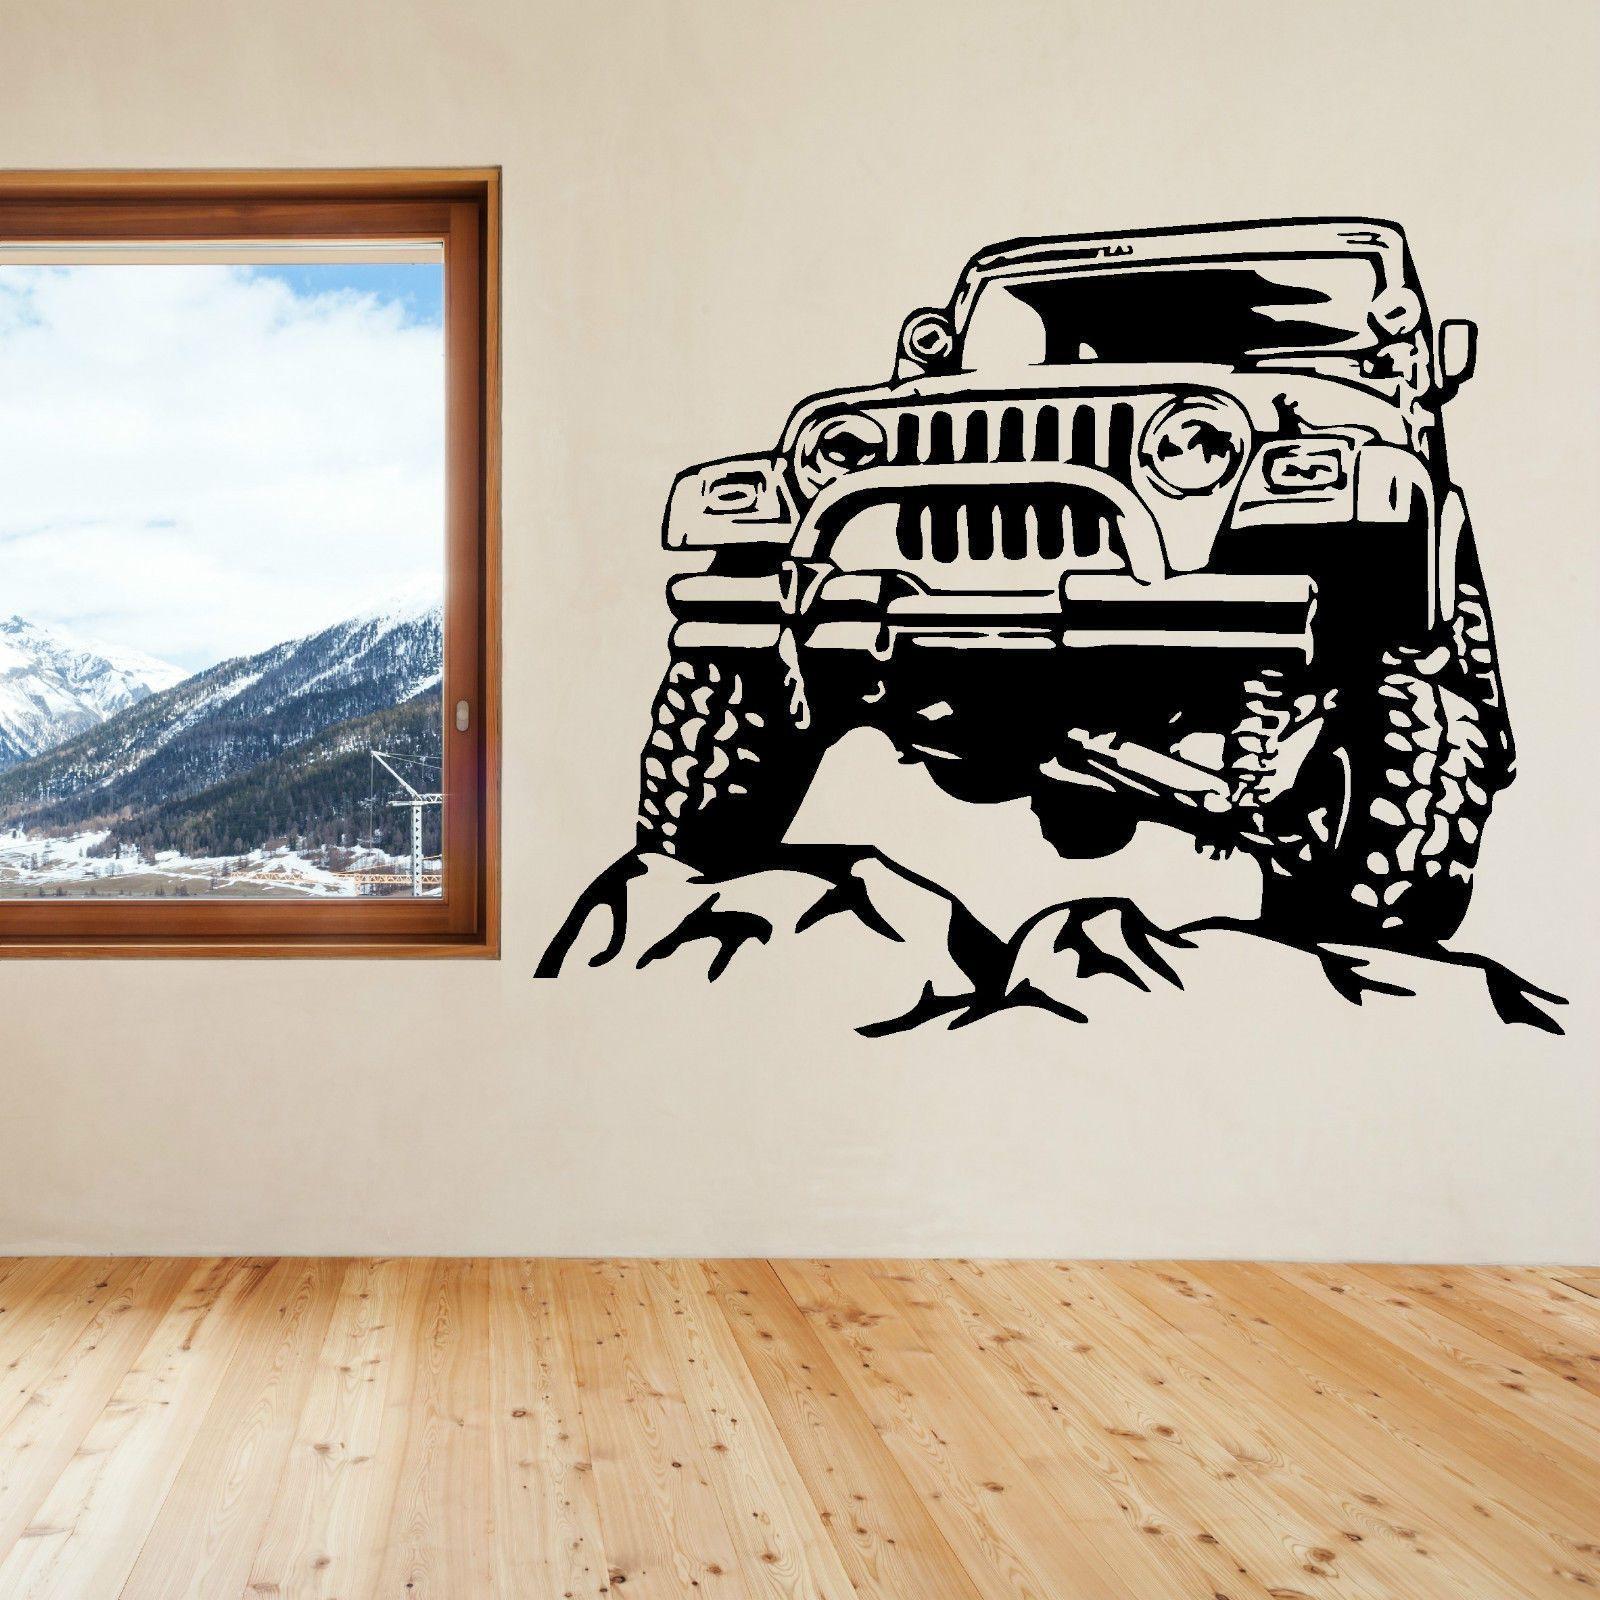 JEEP amovible vinyle art wall sticker decal livraison gratuite